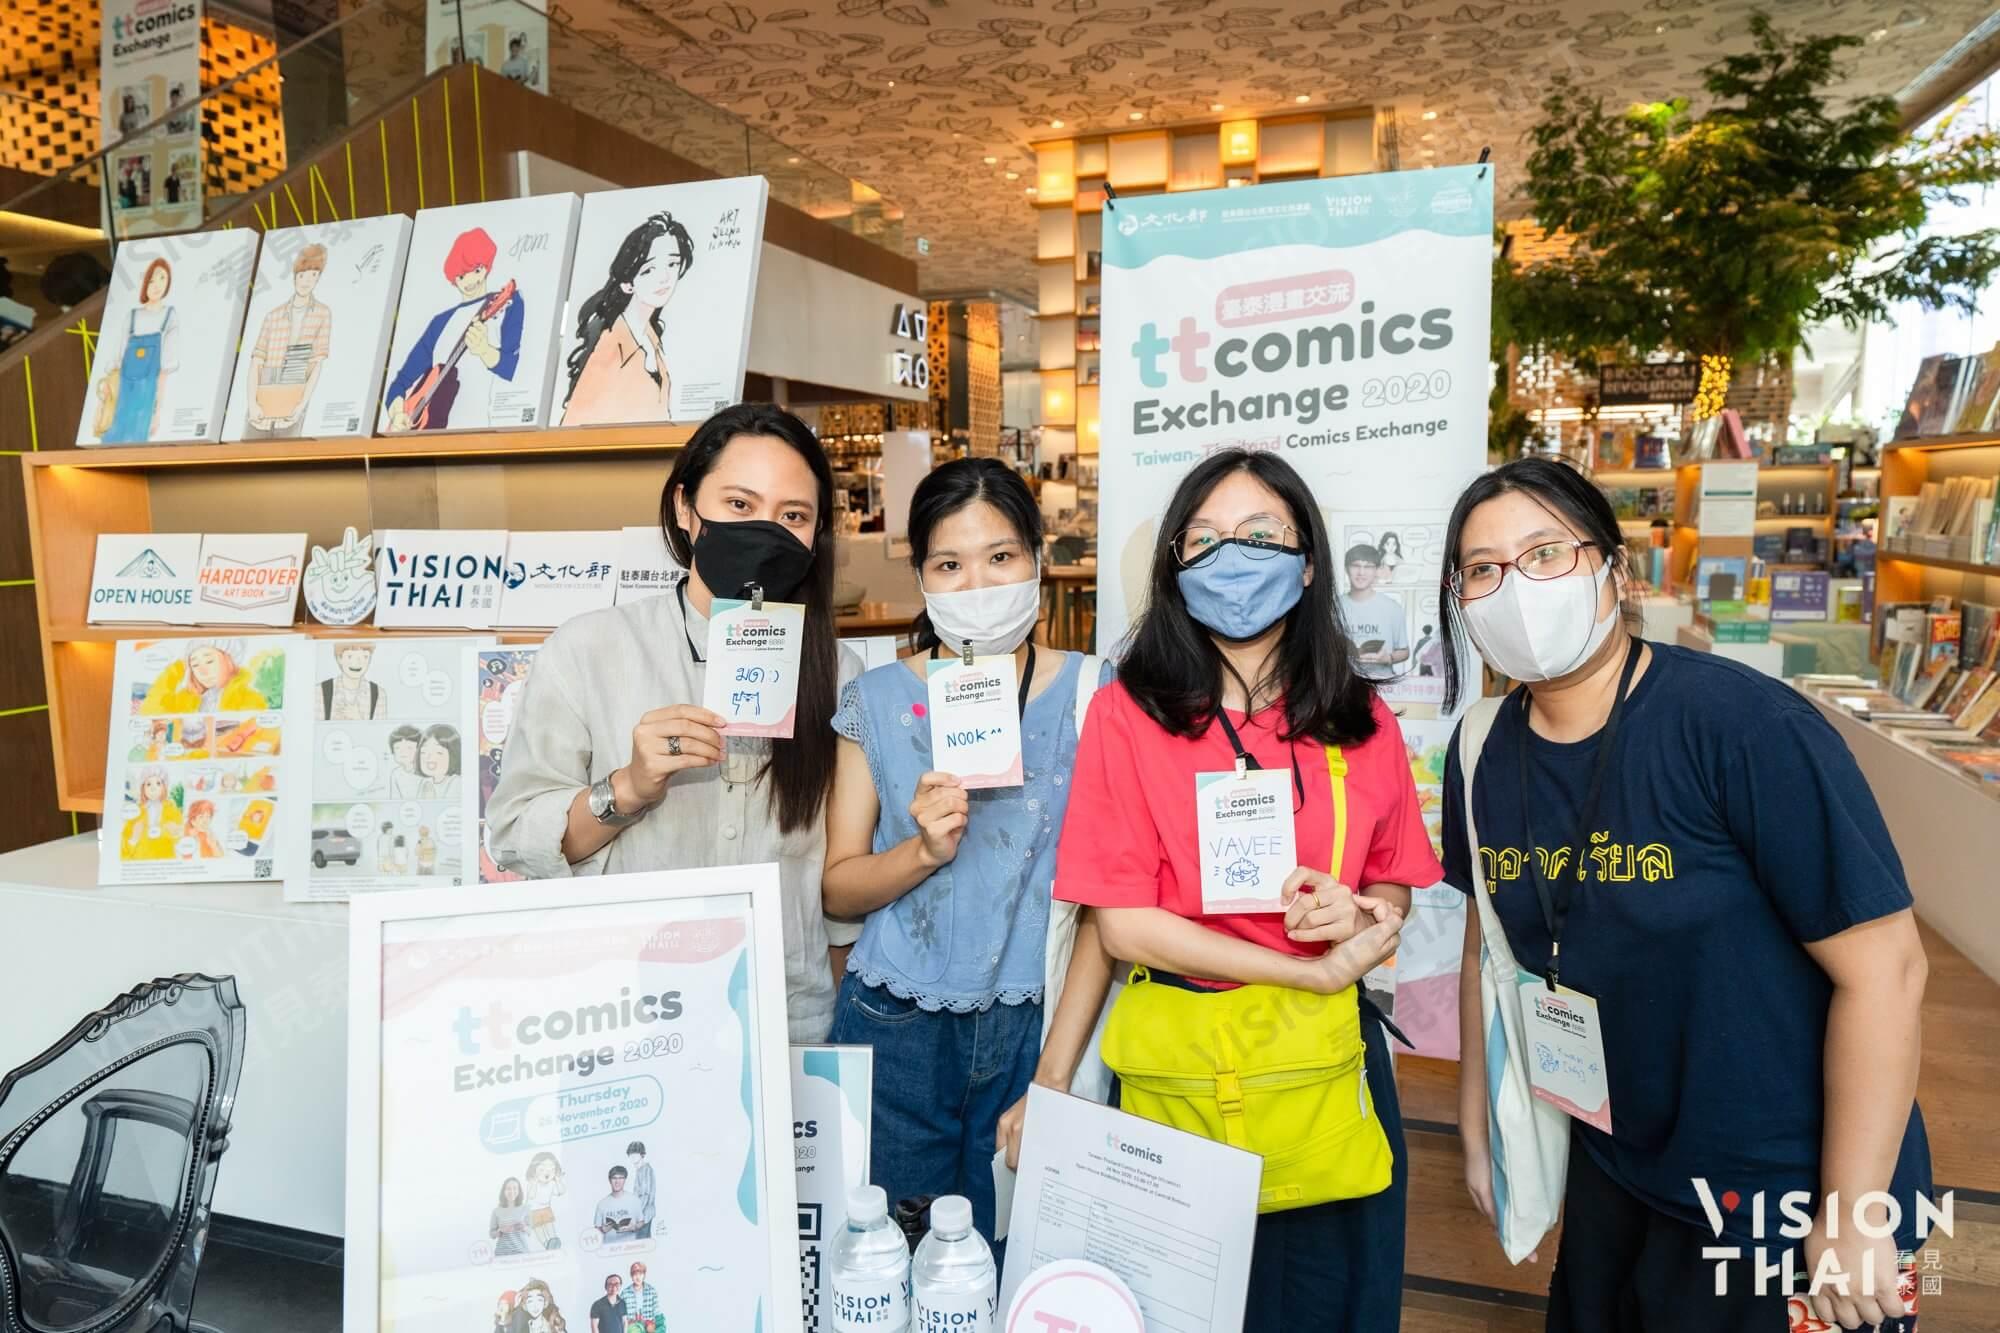 臺泰漫畫交流活動現場名牌可自由創作,別具巧思。(圖片來源:VISION THAI 看見泰國)